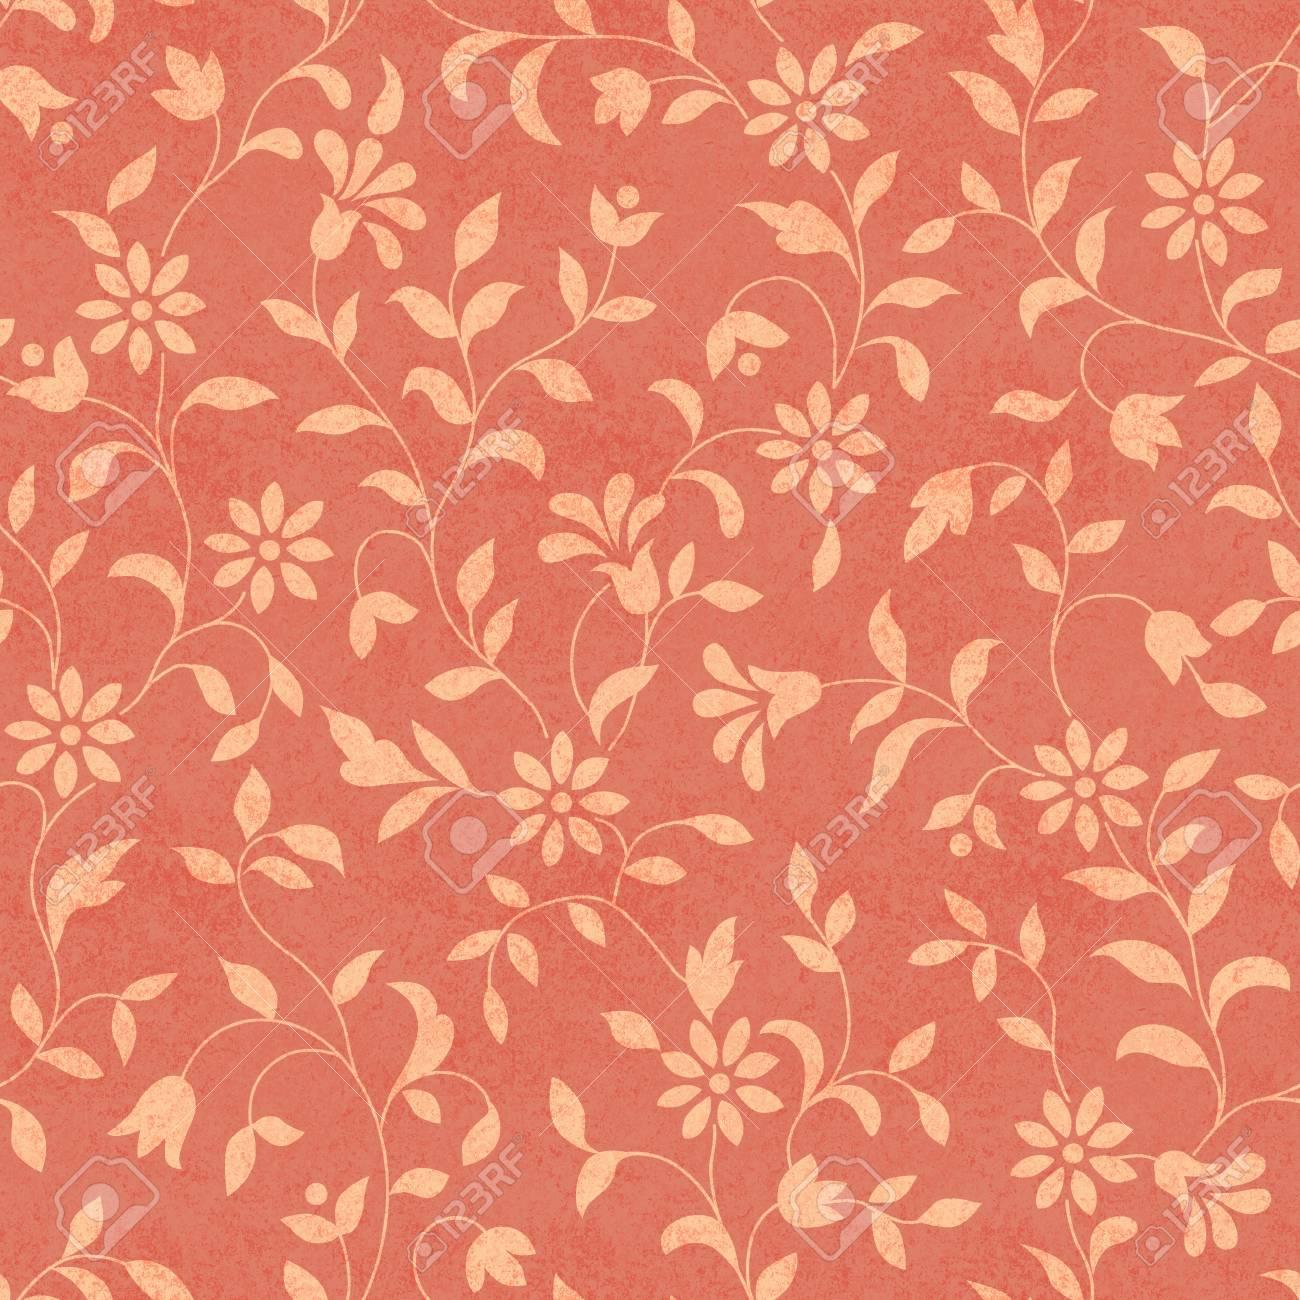 paisley seamless background pattern Stock Photo - 9618522